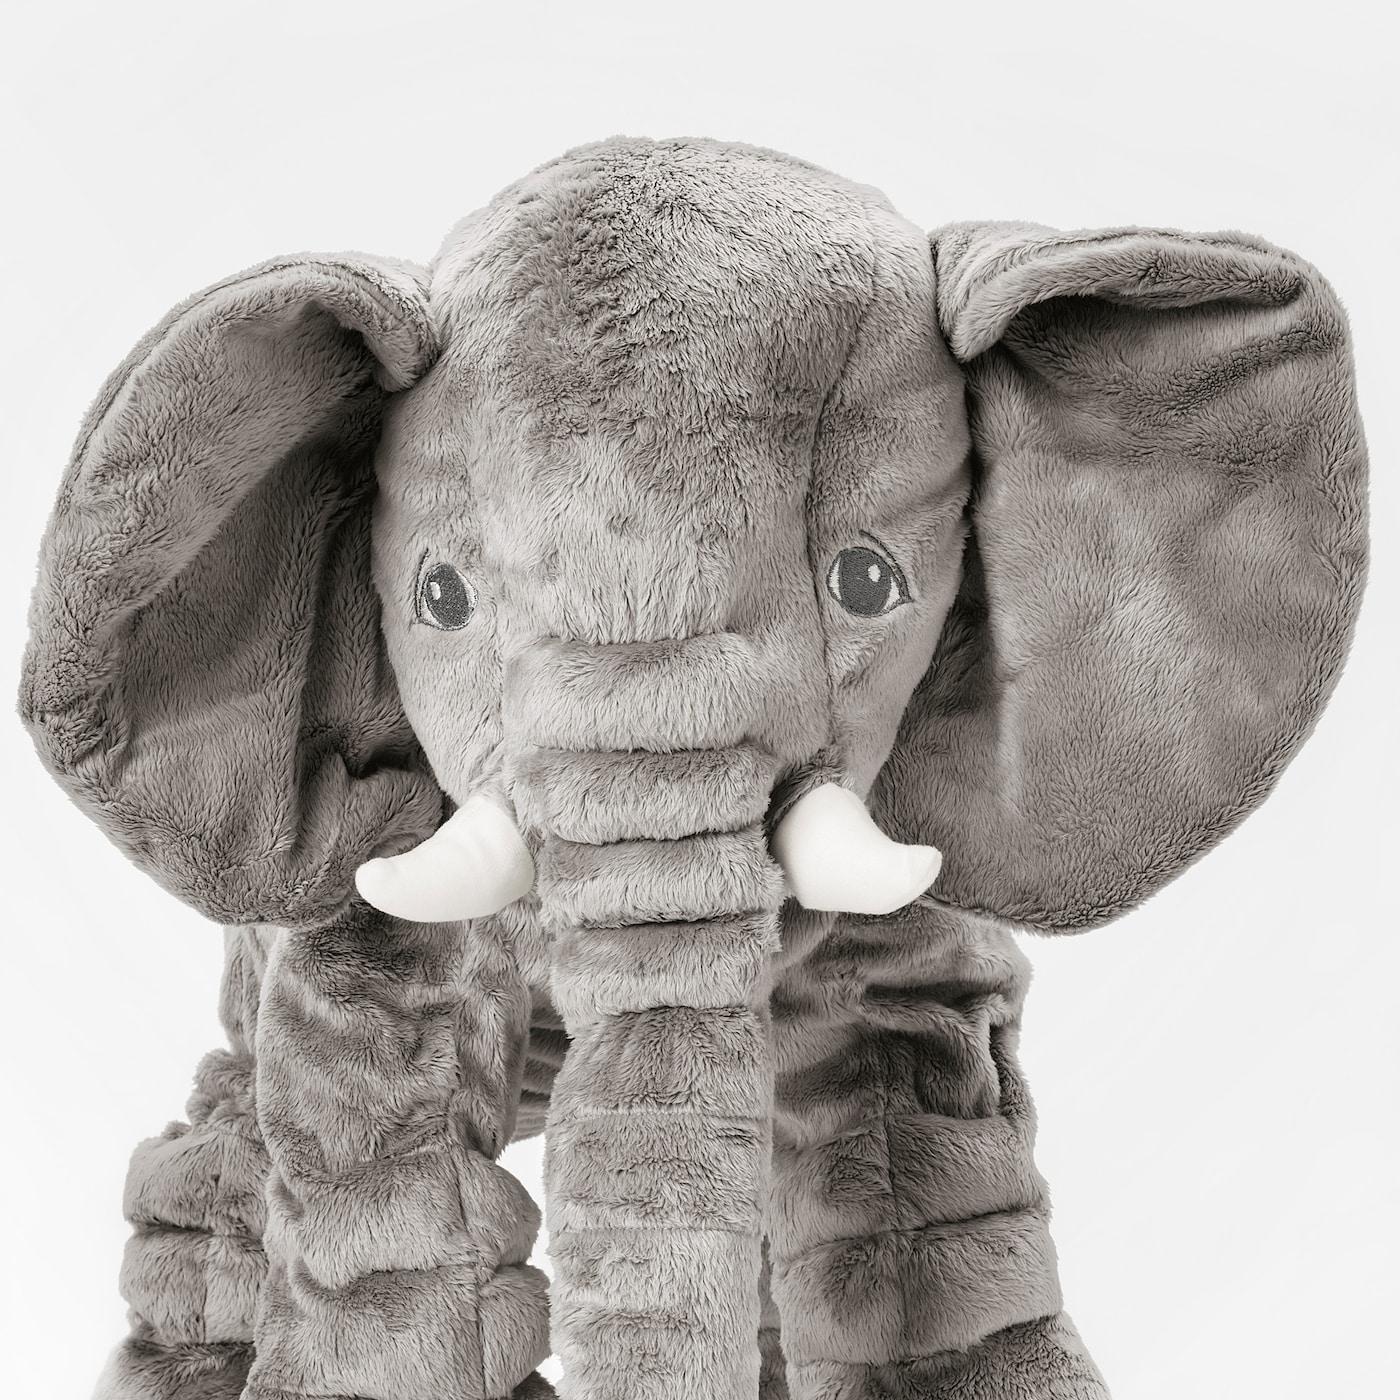 ЄТТЕСТОР іграшка м'яка слон/сірий 60 см